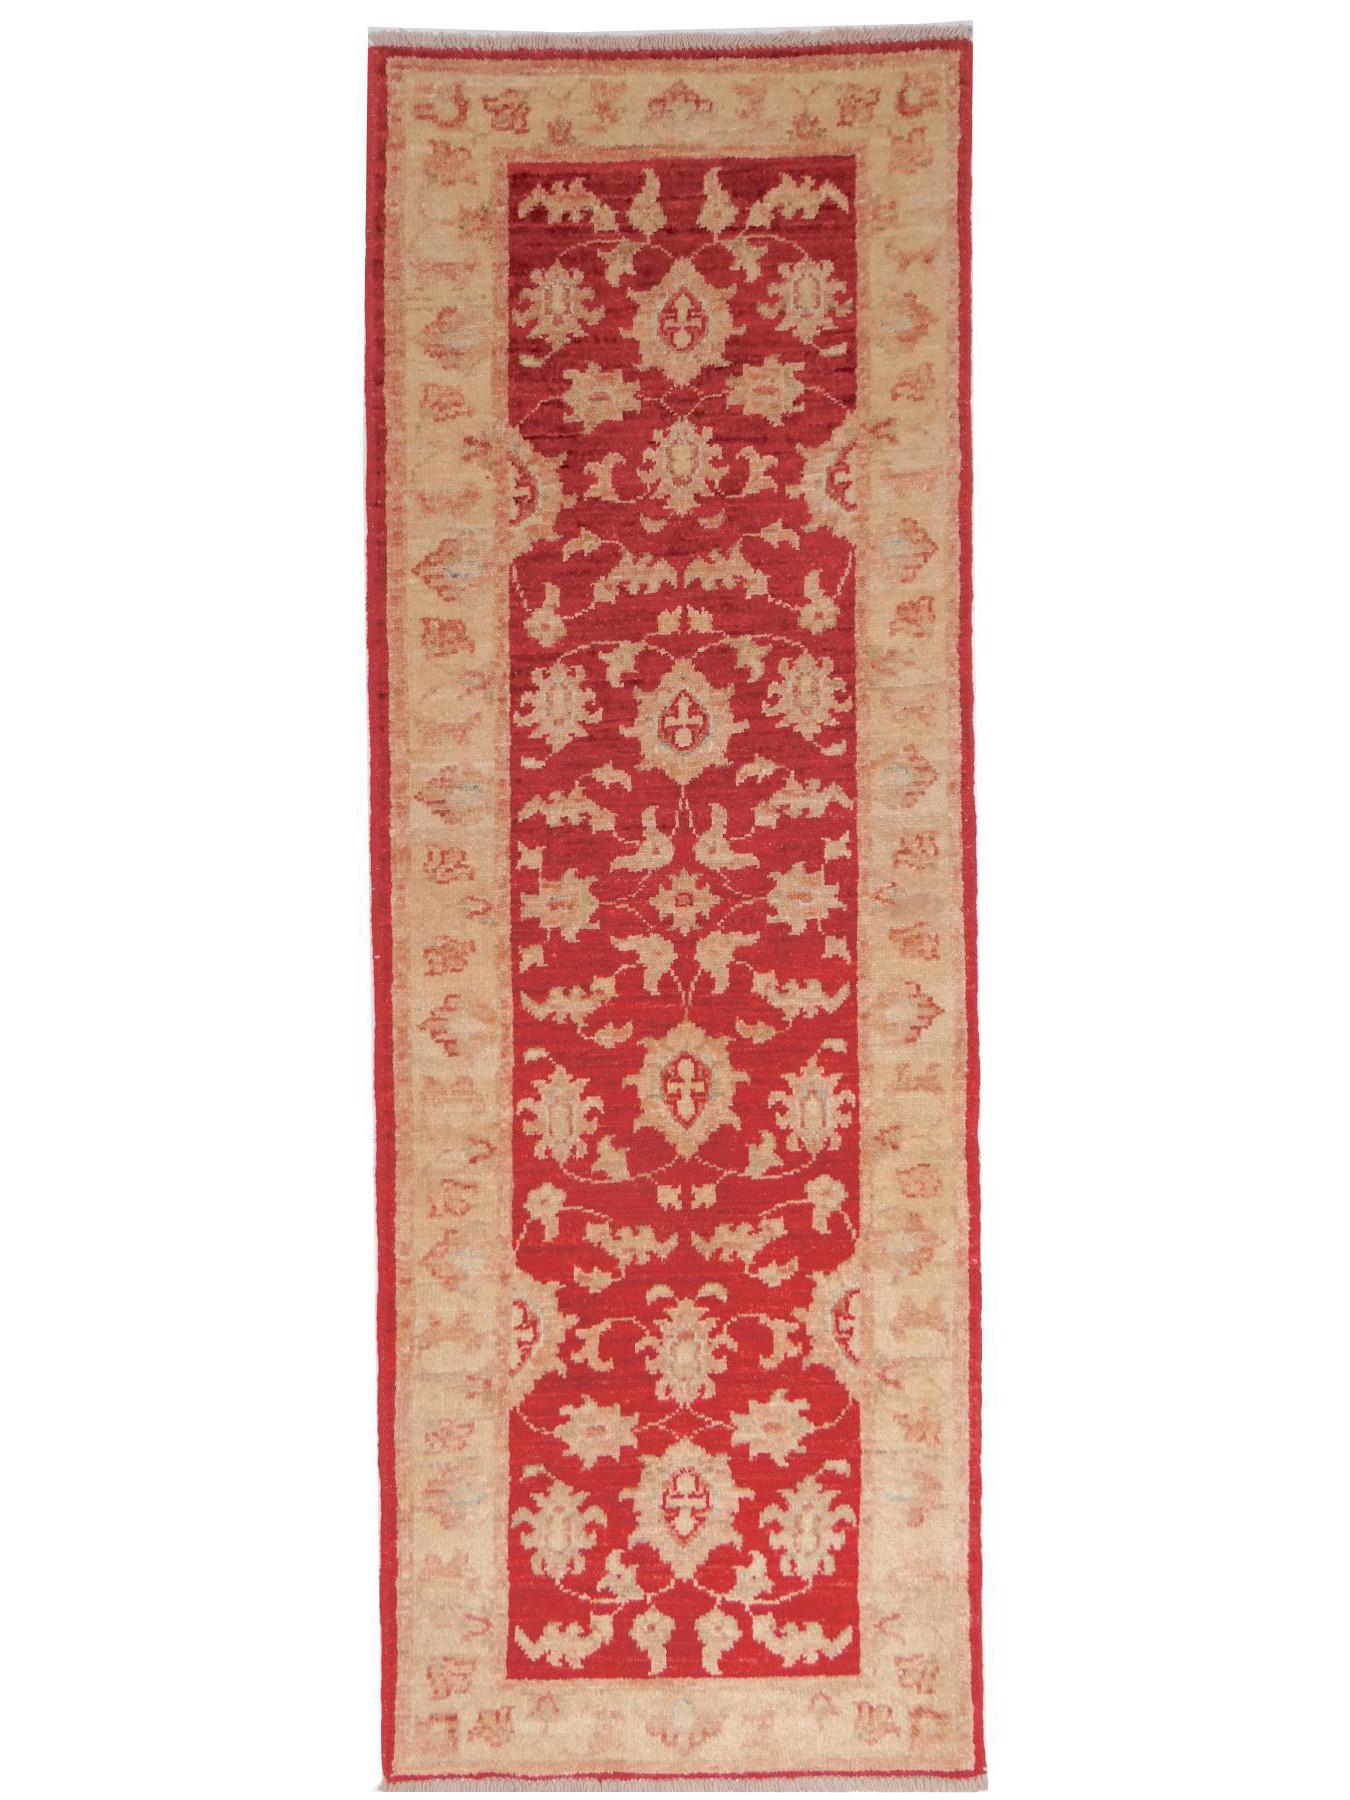 Ziegler carpets - Azarchoub